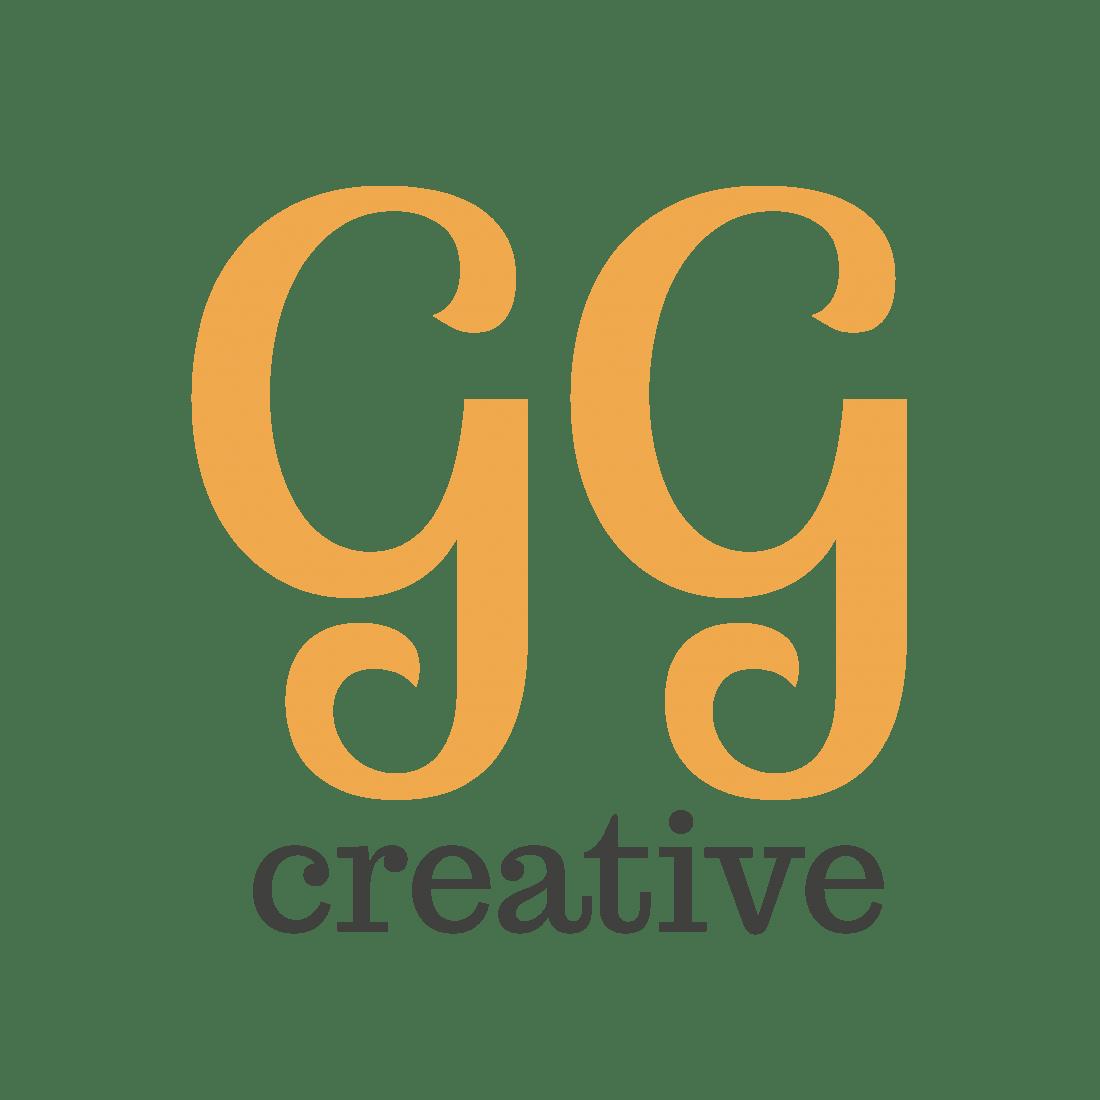 GG Creative